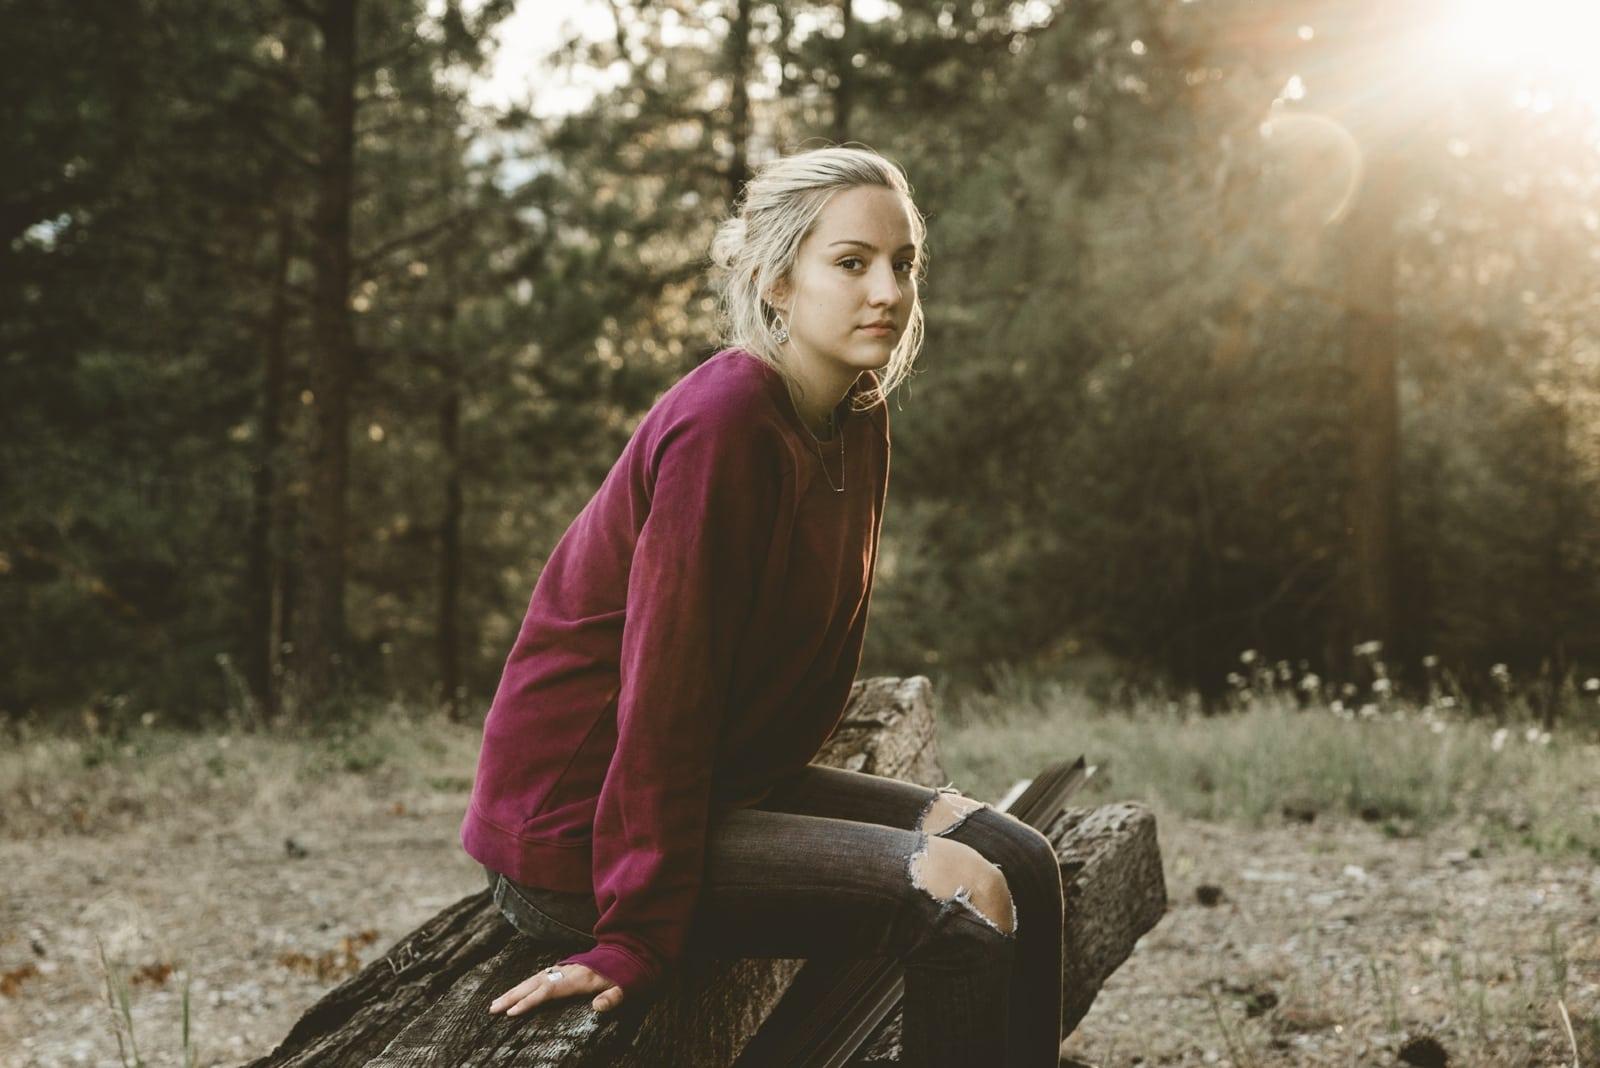 blonde woman in burgundy sweatshirt sitting on wood log